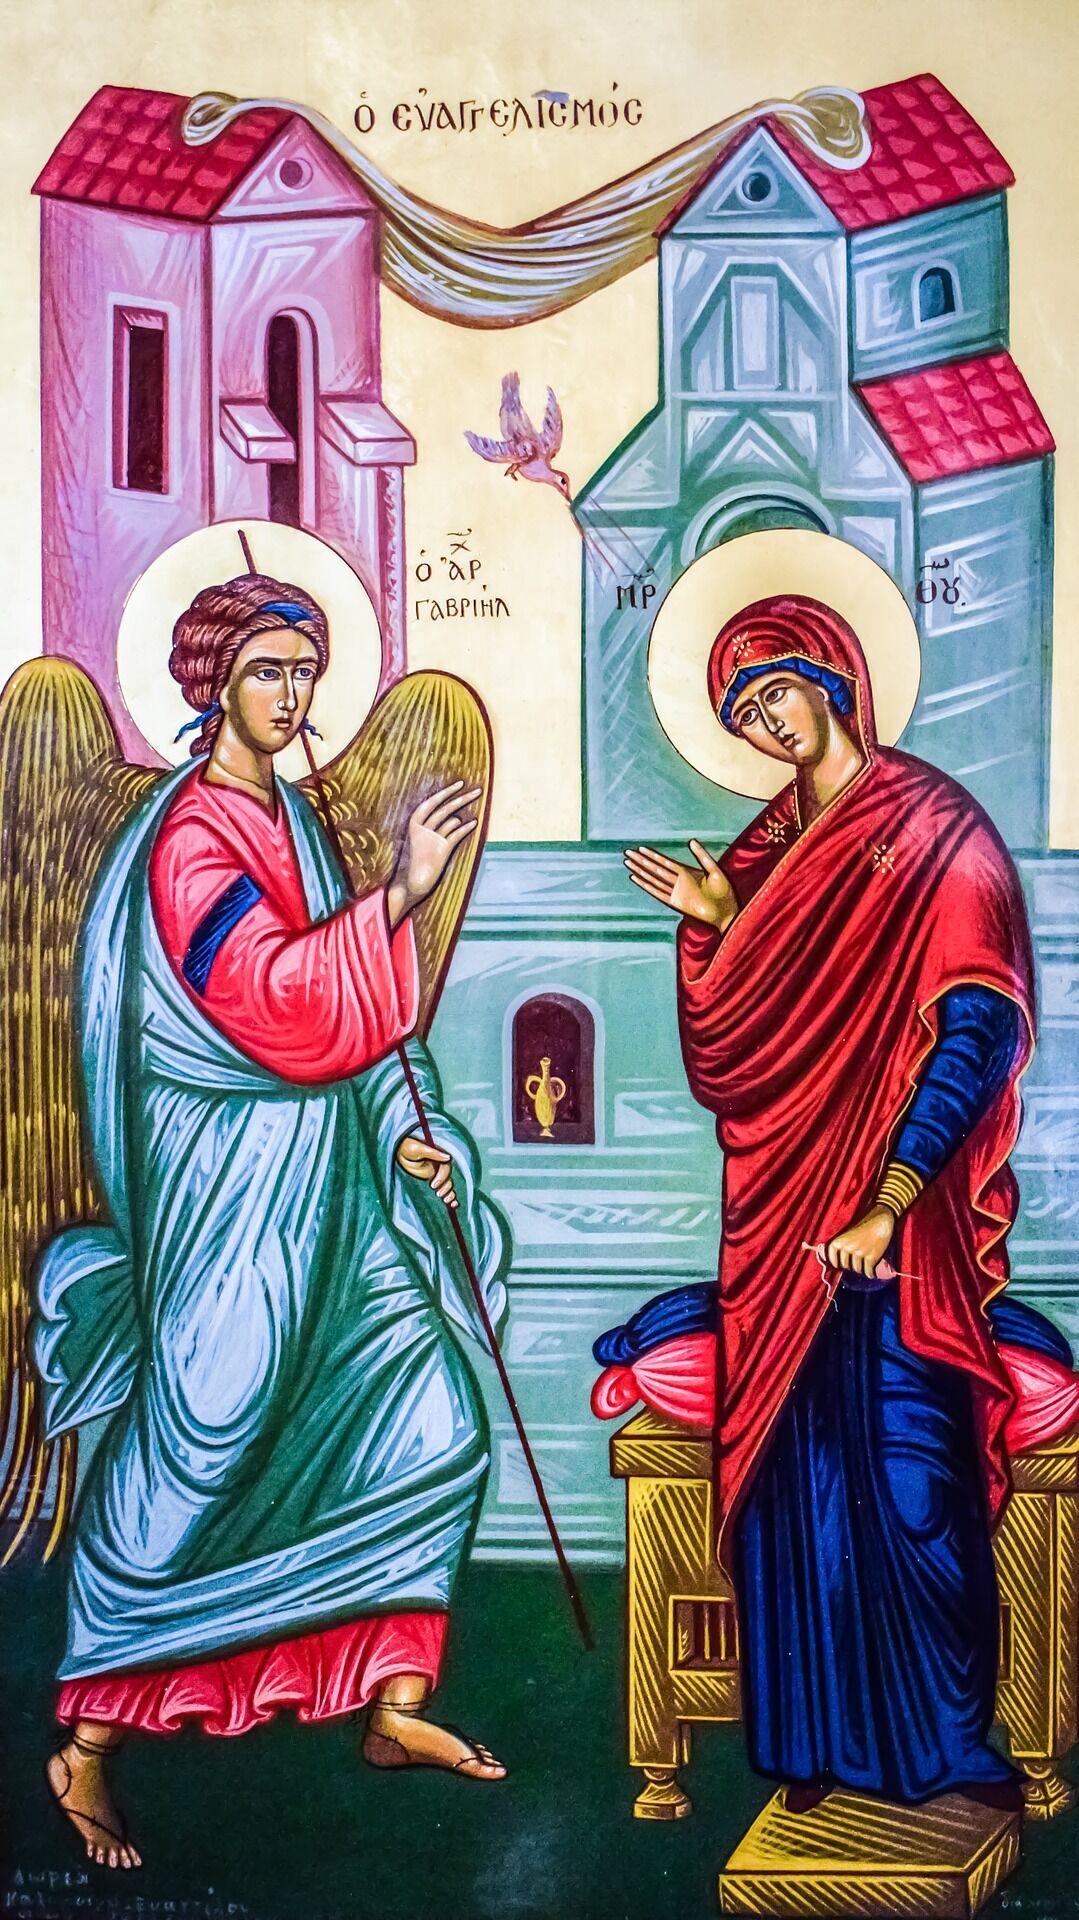 Марії явився Архангел Гавриїл, який приніс їй благу вість про те, що вона народить Ісуса Христа